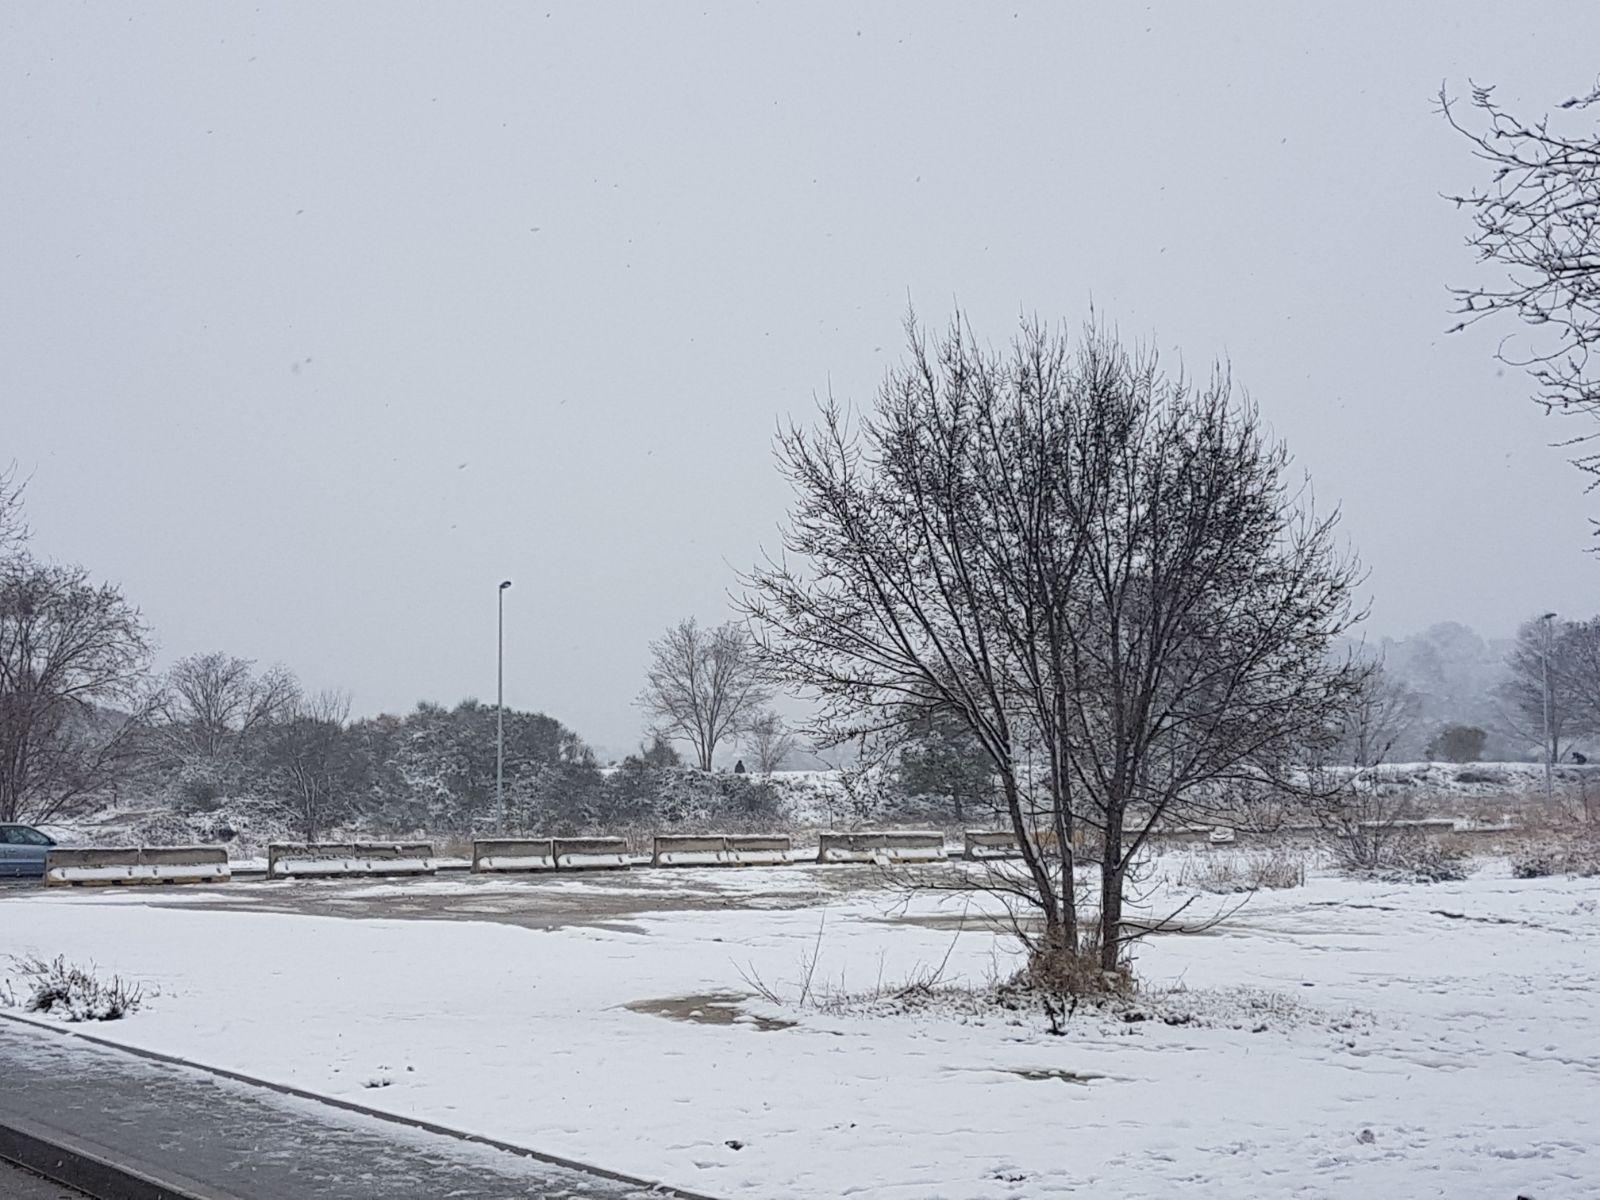 2018-02-28-PHOTO-00000256